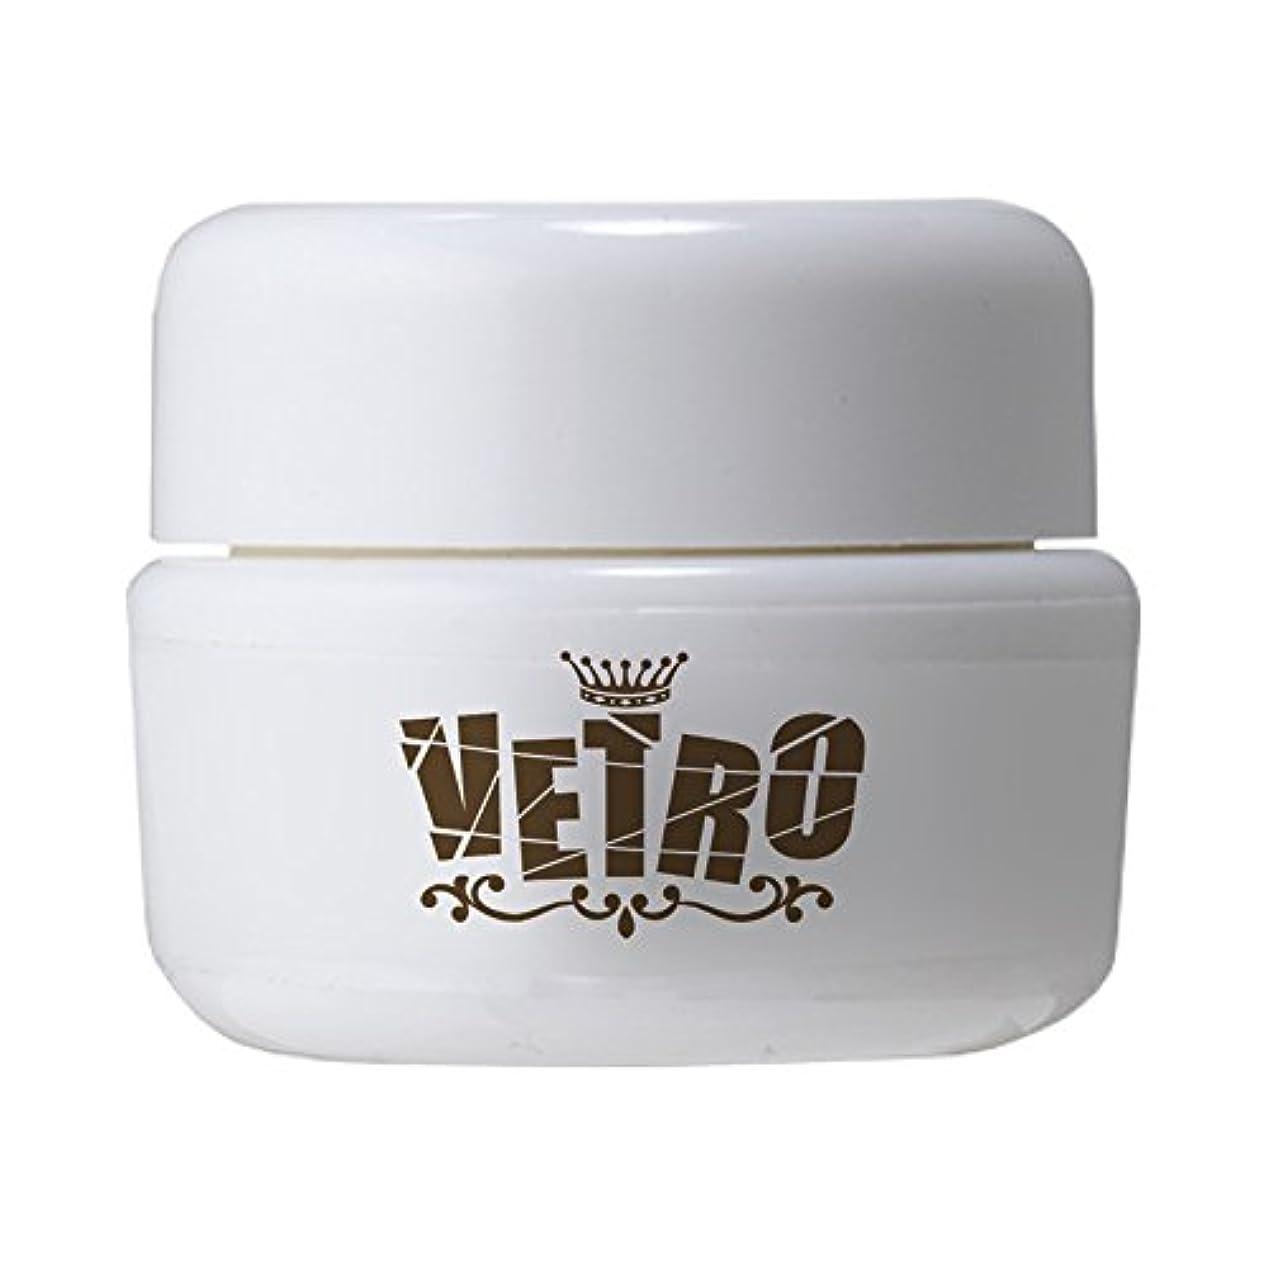 フローパイプライン医師VETRO No.19 カラージェル マット VL040 クラシックピンク 4ml